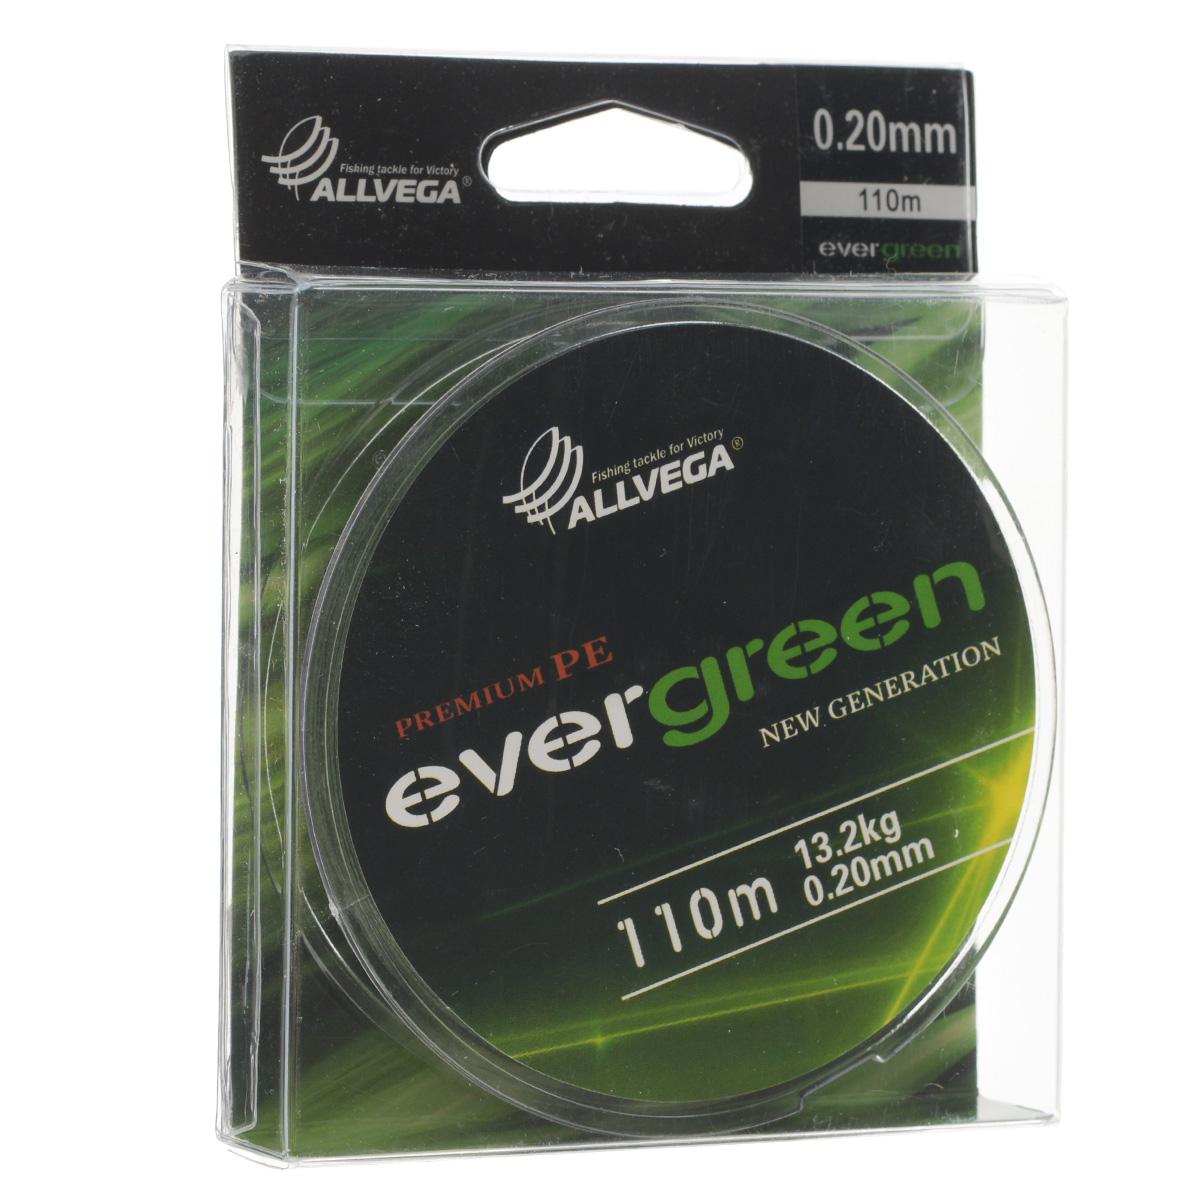 Леска плетеная Allvega Evergreen, цвет: темно-зеленый, 110 м, 0,20 мм, 13,2 кг39932Плетеная леска Allvega Evergreen очень прочная и способна выдержать сильные нагрузки. Благодаря высококачественному сырью леска Allvega Allvega Evergreen максимально устойчива к любым погодным условиям и особенностям каждого водоема. При традиционных методах производства плетеные шнуры со временем теряют свой цвет (покрытие), а вместе с ним и часть своих полезных физических свойств. Революционно новый подход в технологии изготовления лесок Allvega Evergreen позволяет забыть о проблеме потери цвета в процессе использования шнура. Он всегда будет зеленым - он просто не может быть другим!